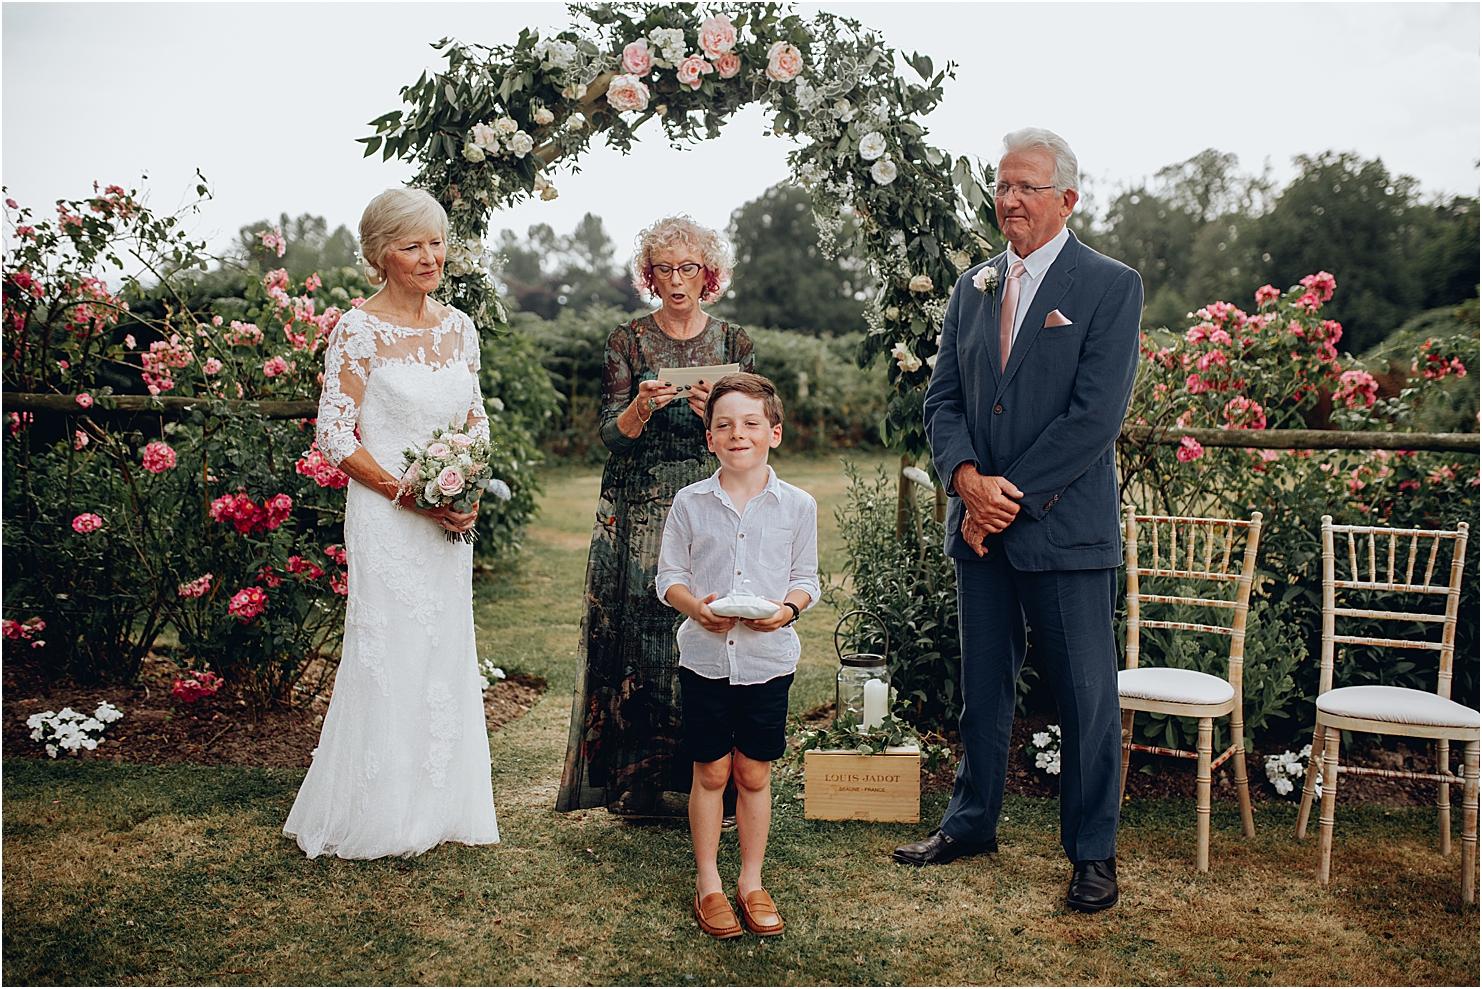 fotos de boda en exterior-22.jpg